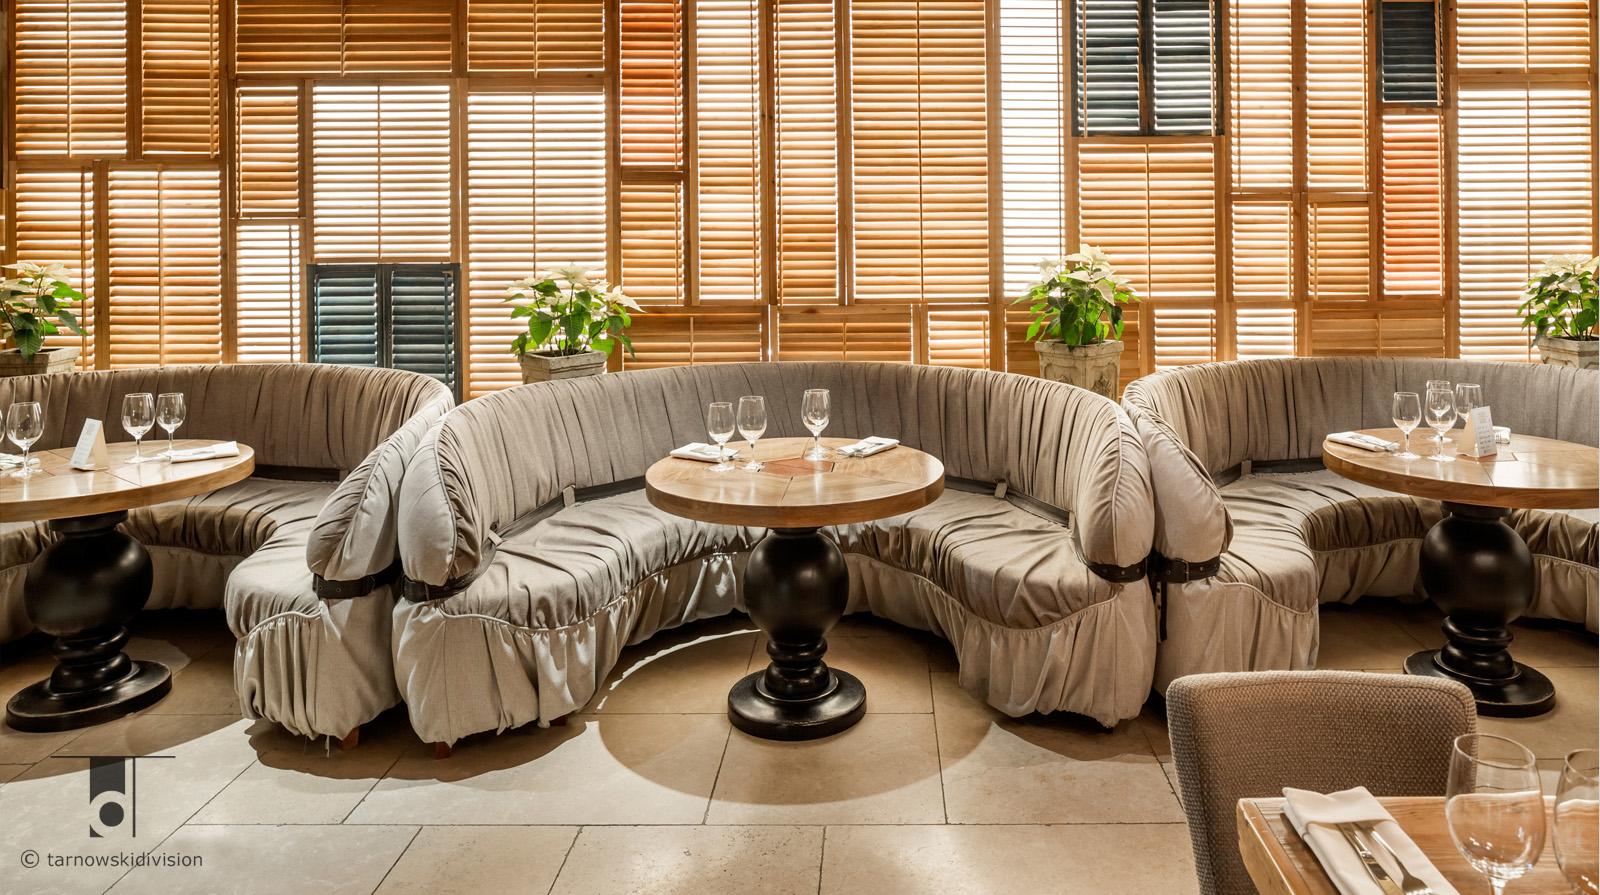 Chianti restauracja projekt wnętrz restauracji włoskiej italian restaurant interior design_tarnowskidivision